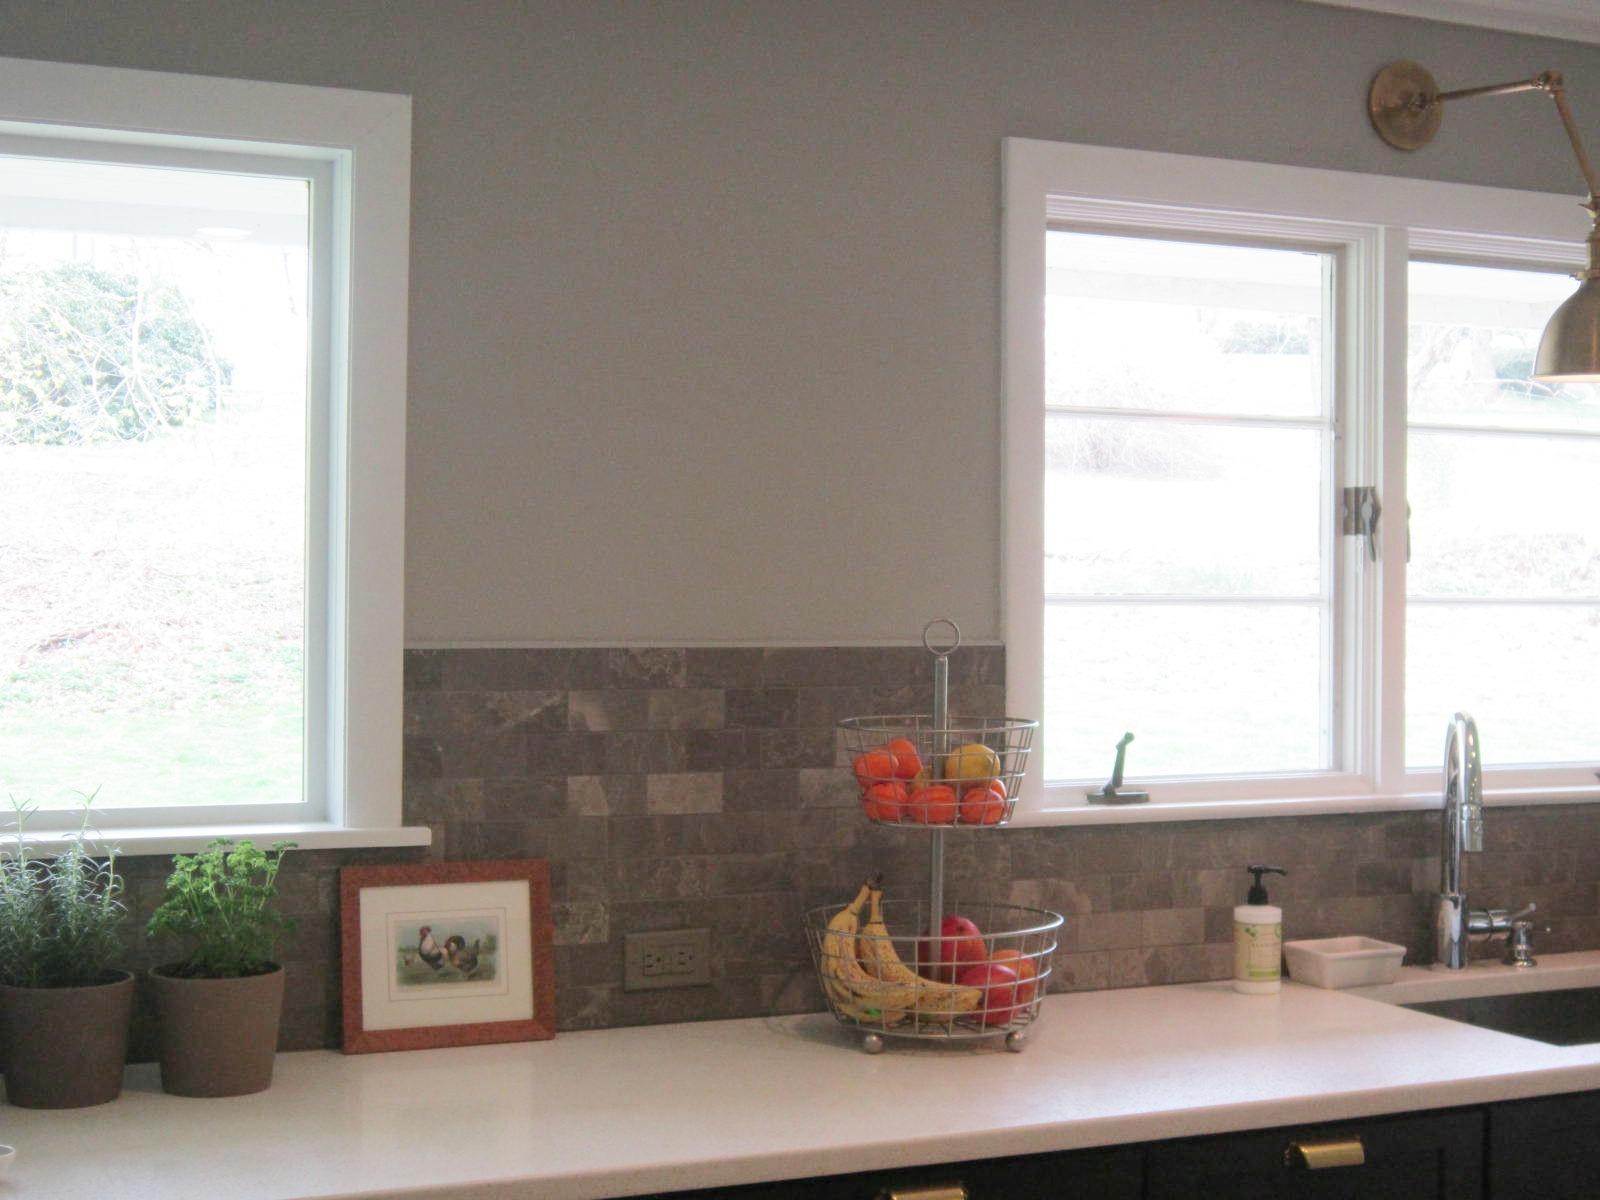 Design megillah art for the kitchen for Four blank walls